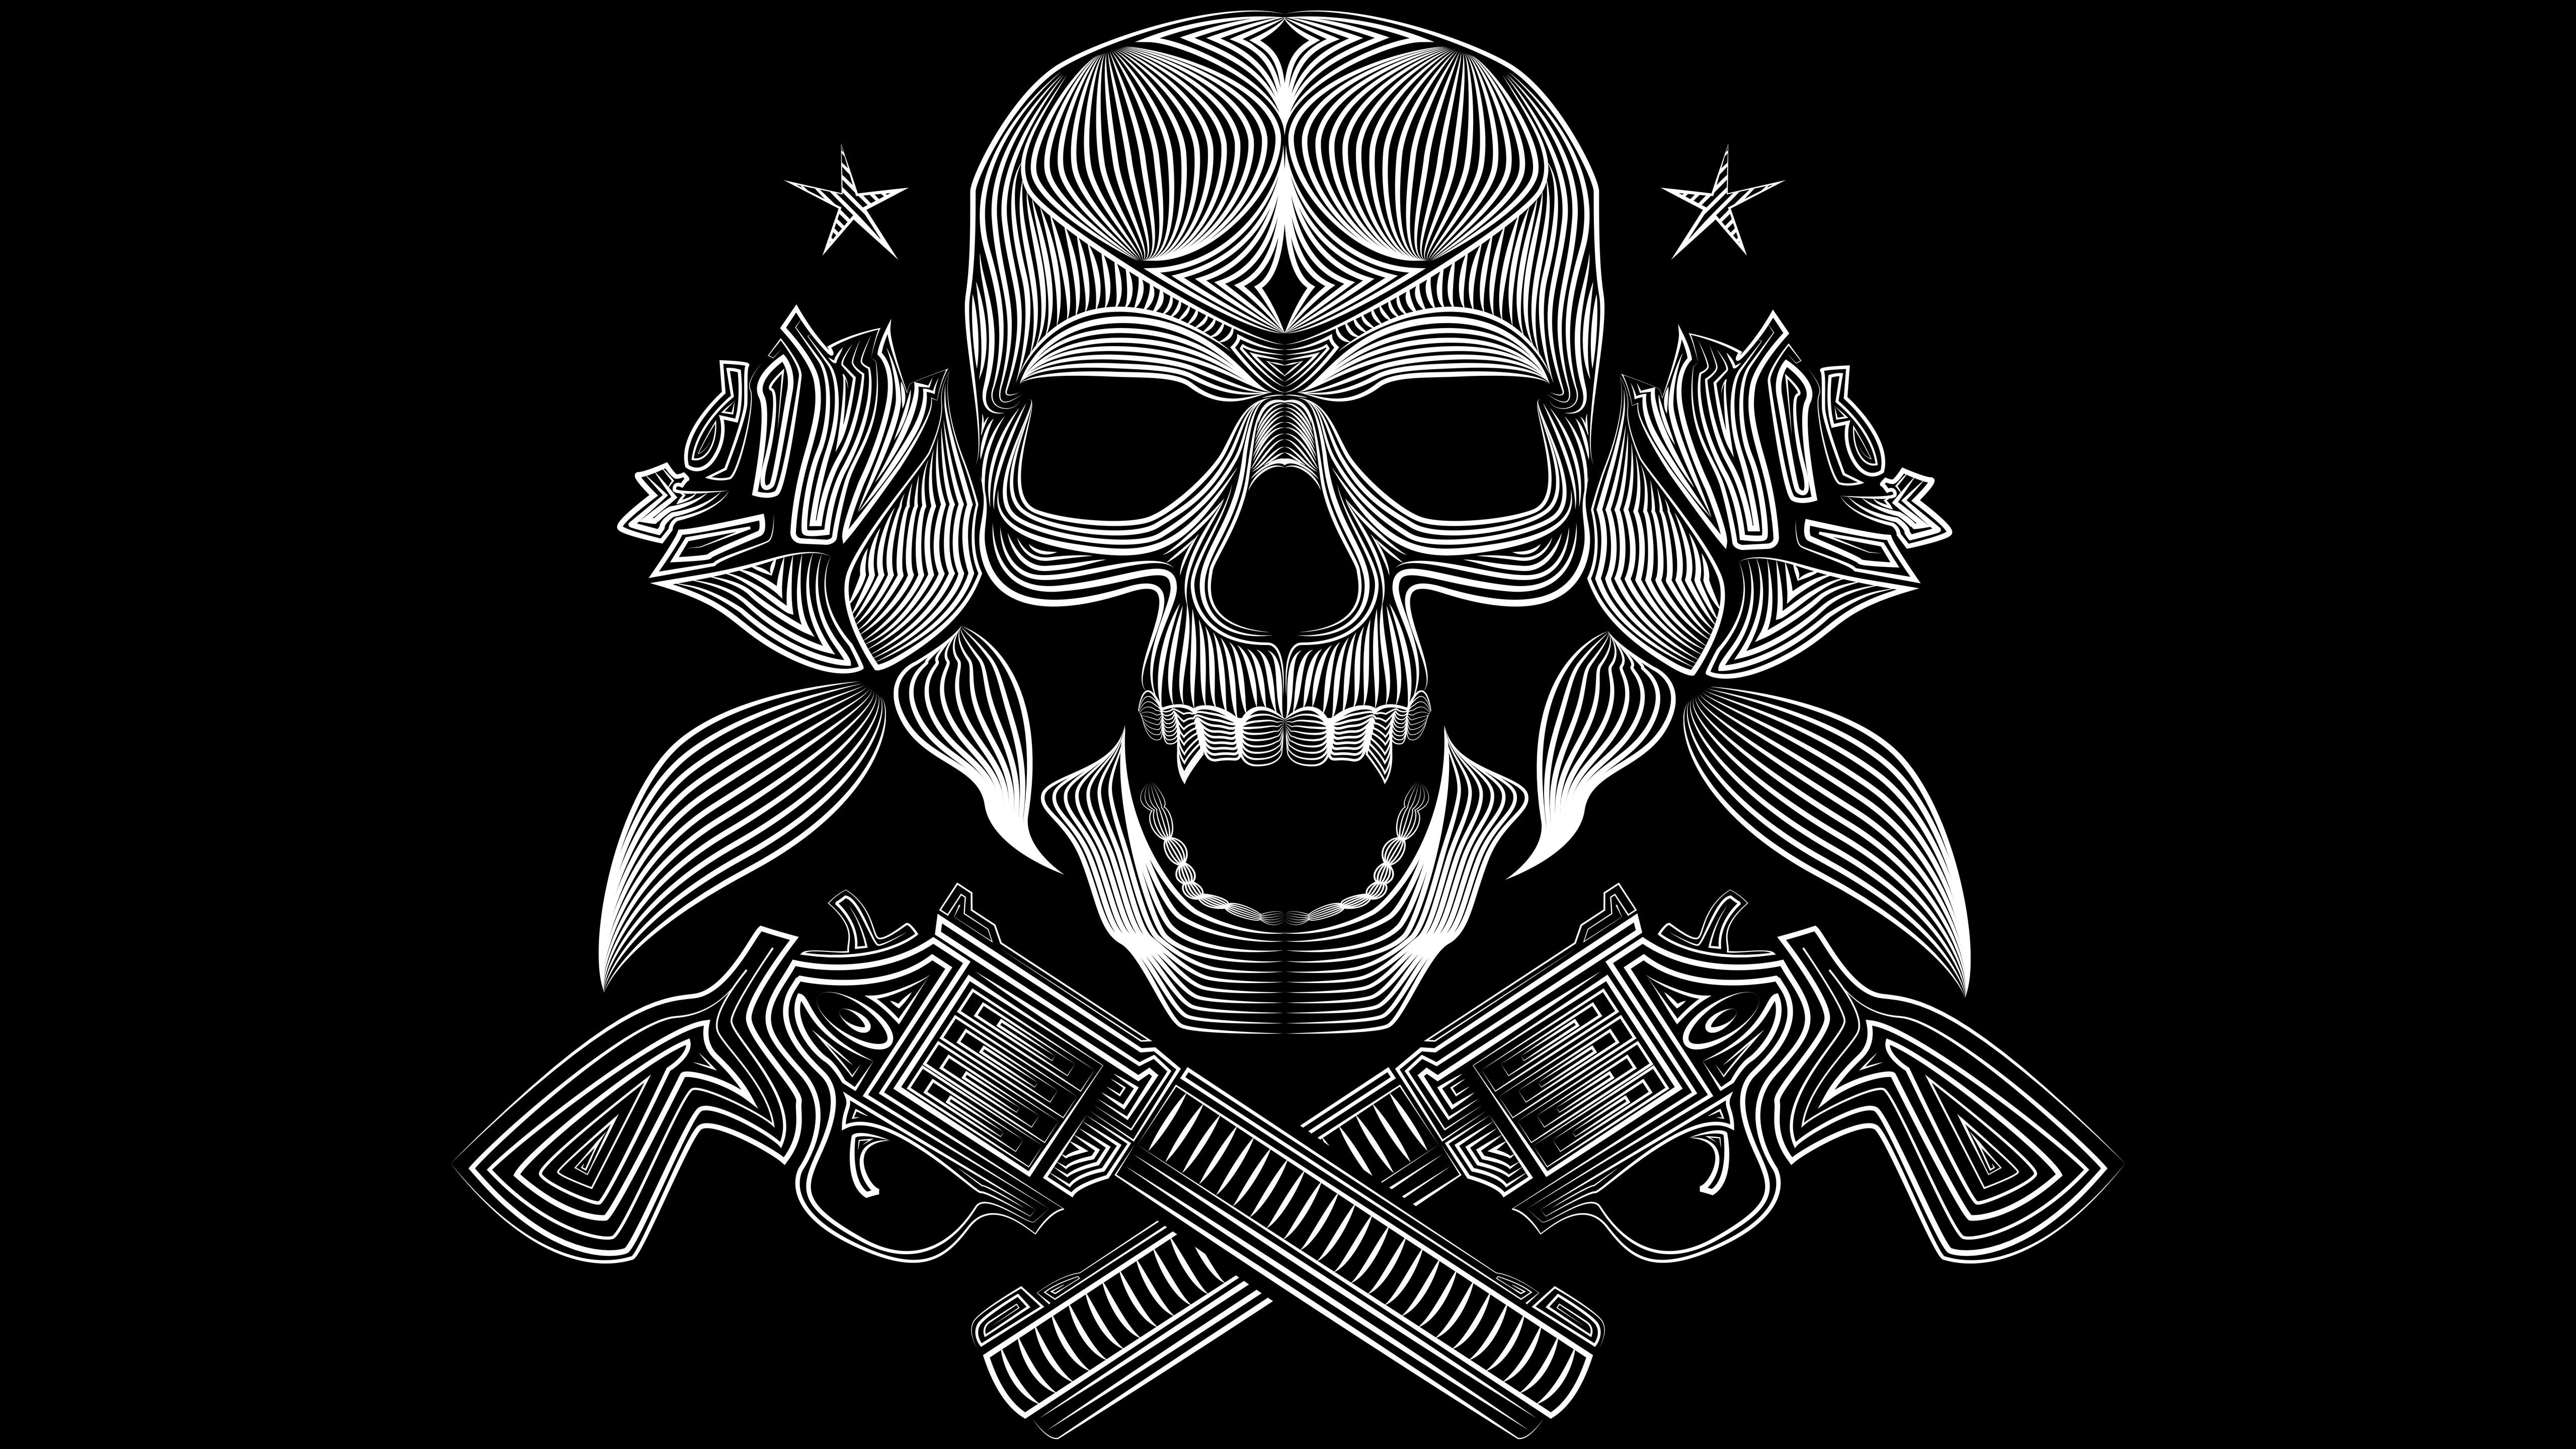 5120x2880 Skull Gun N Roses 8k 5k Hd 4k Wallpapers Images